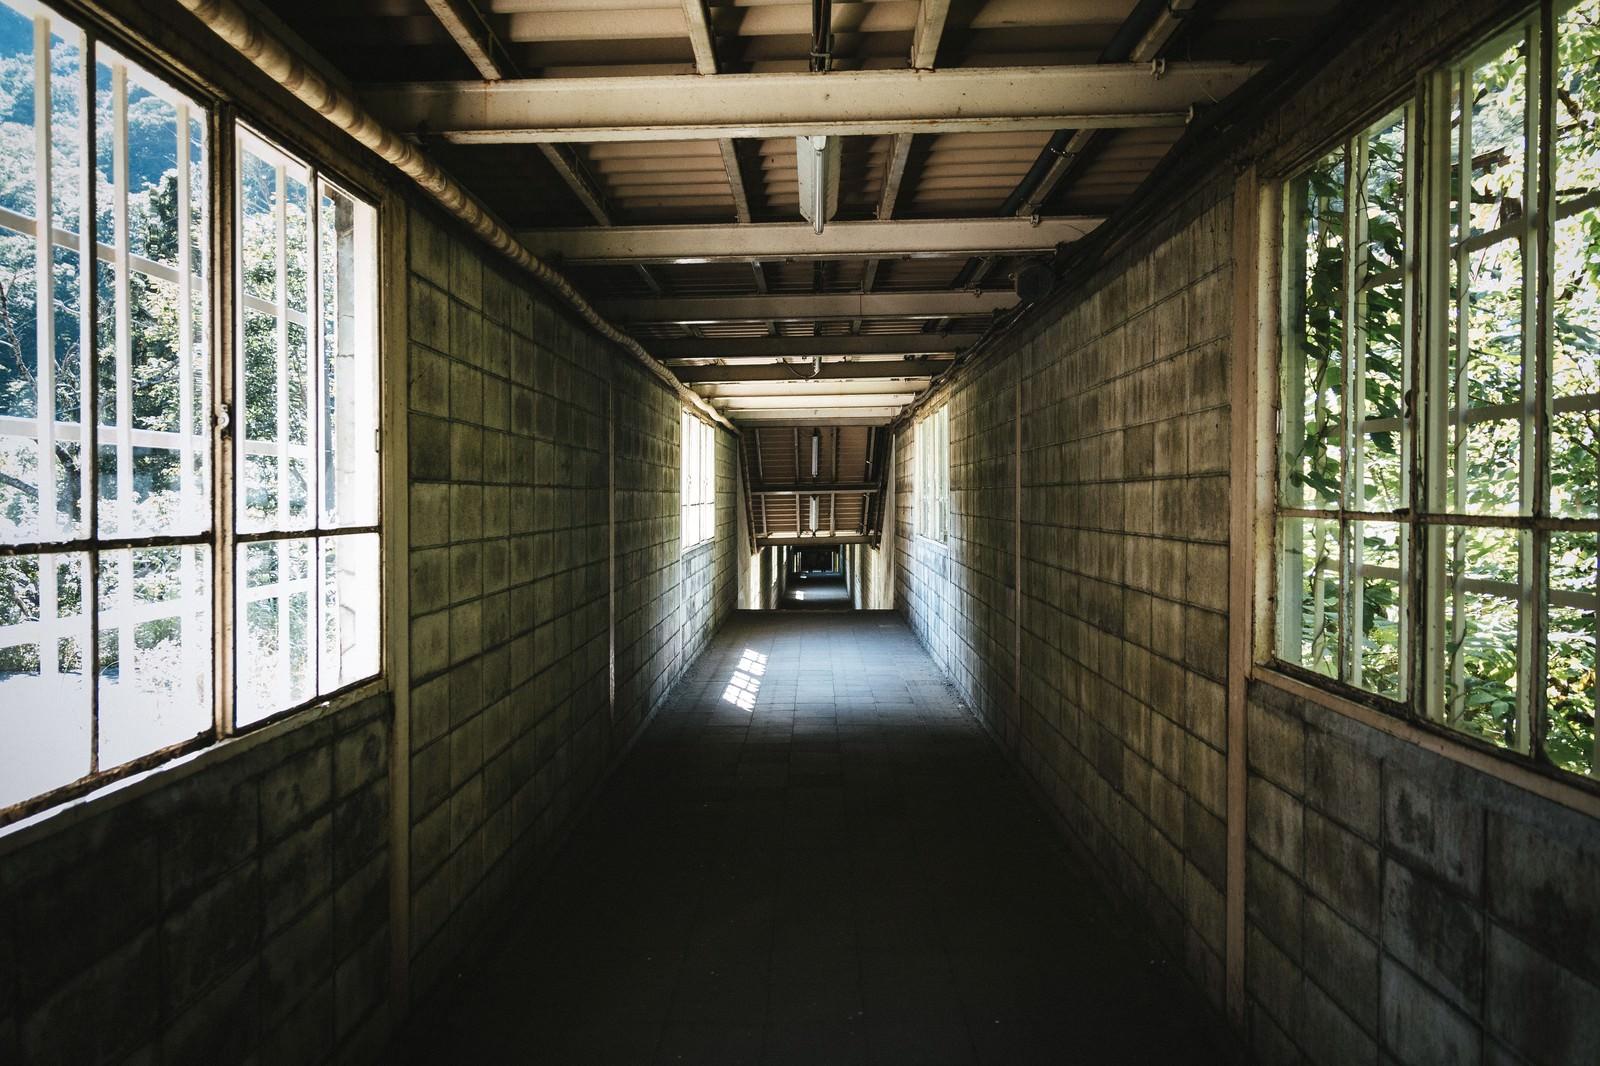 「土合駅の下りホームに向かう途中の通路土合駅の下りホームに向かう途中の通路」のフリー写真素材を拡大